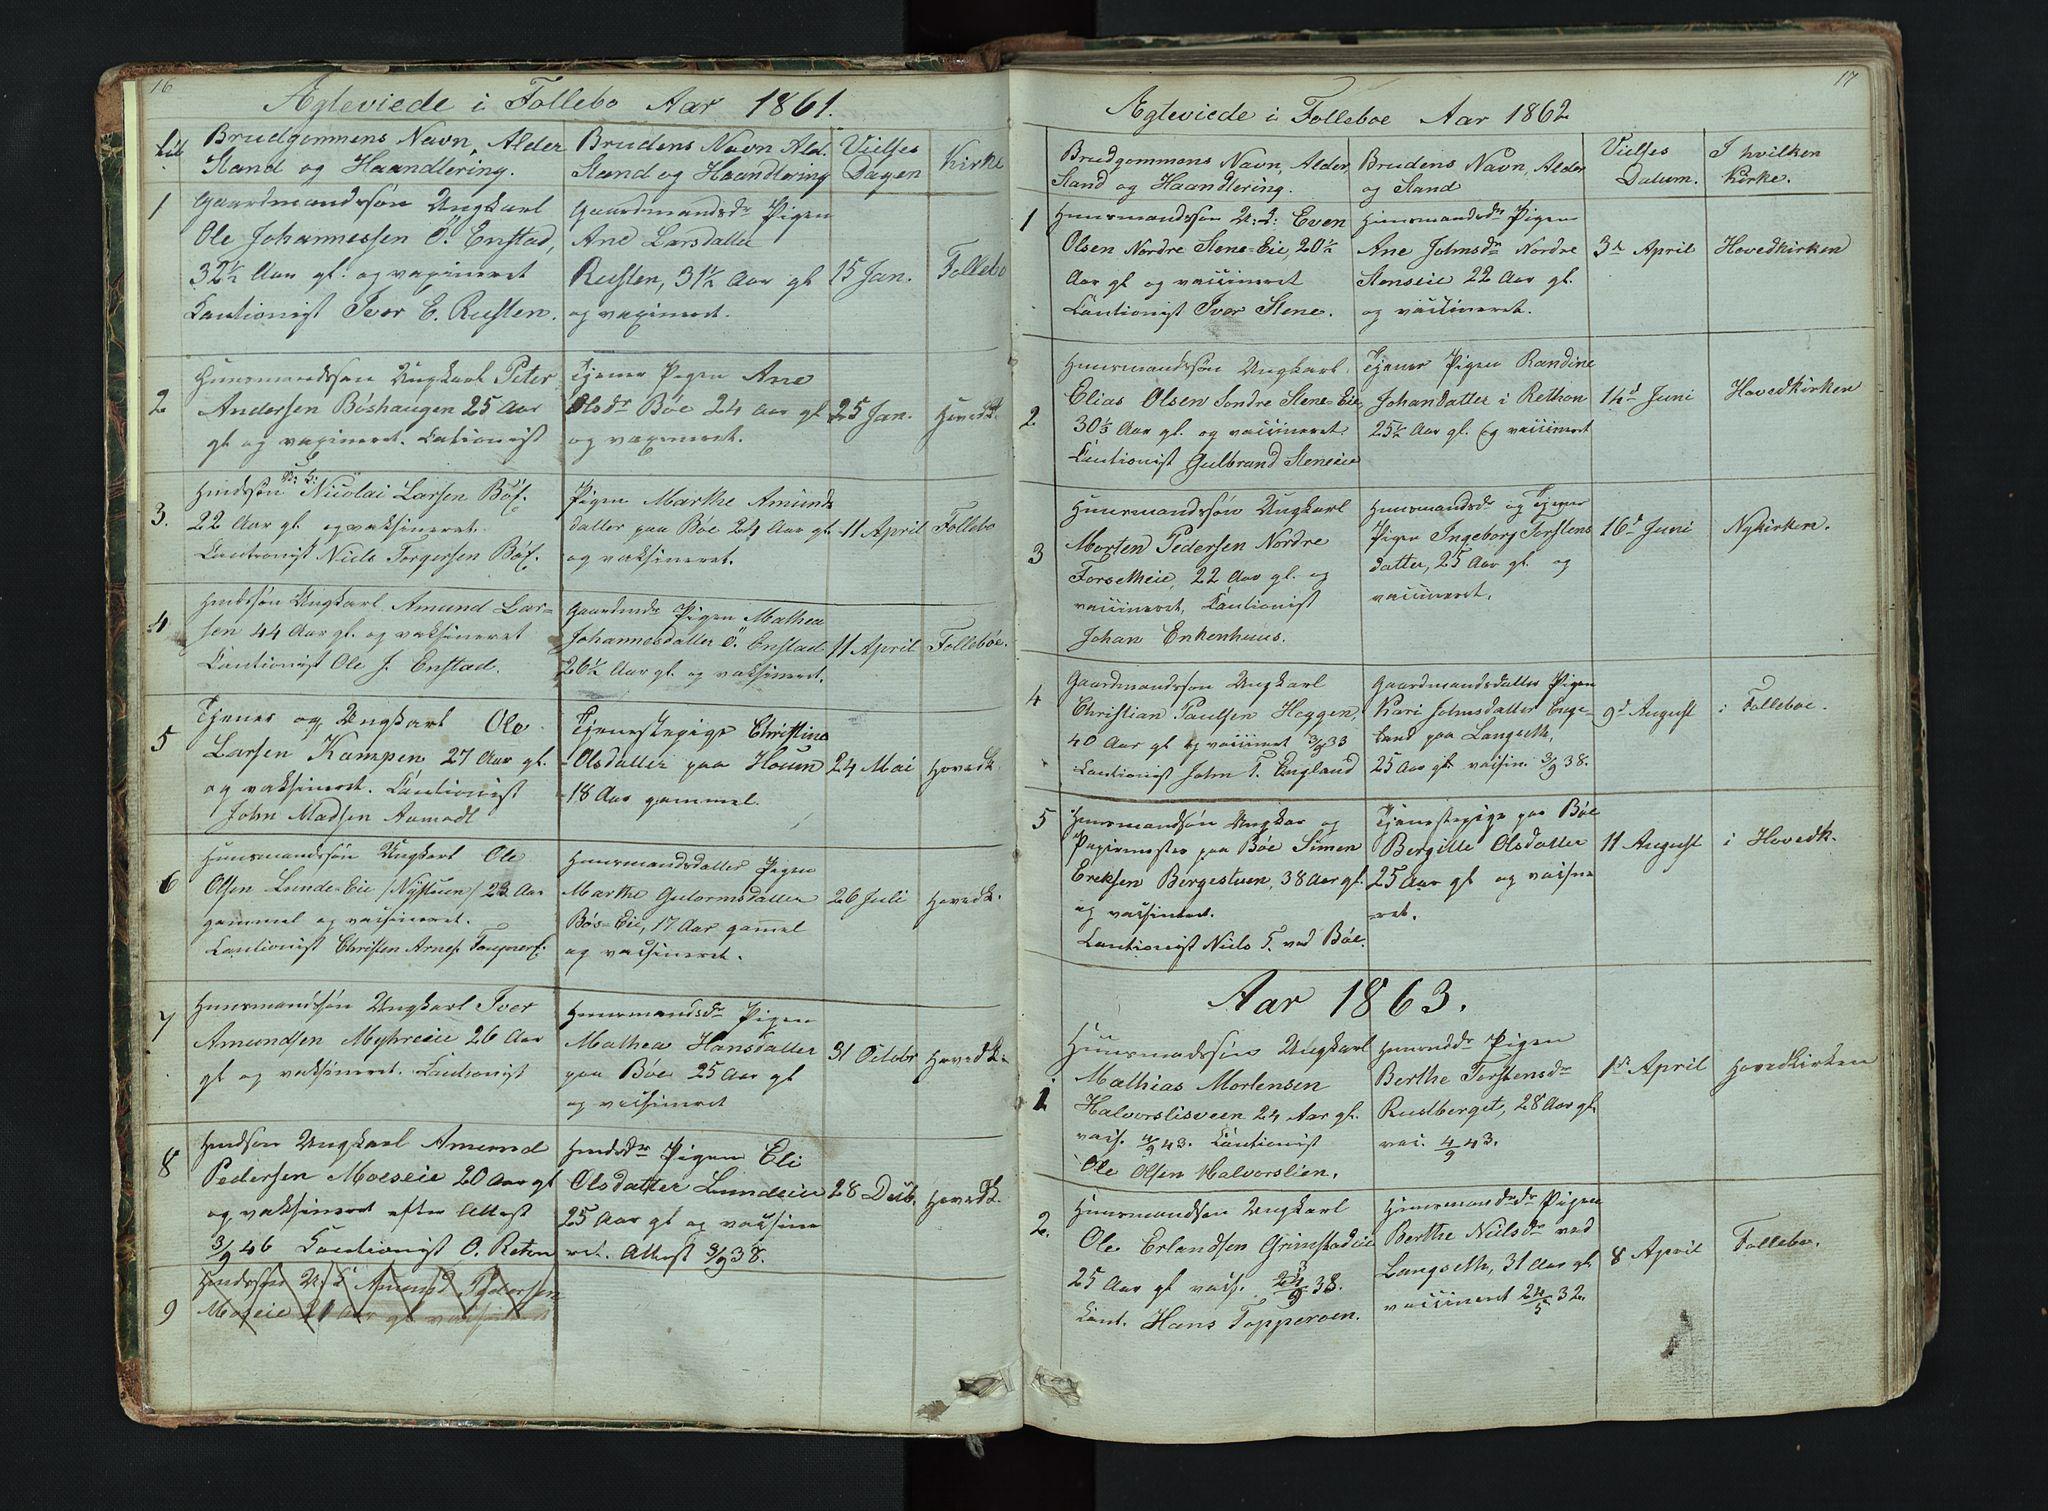 SAH, Gausdal prestekontor, Klokkerbok nr. 6, 1846-1893, s. 16-17